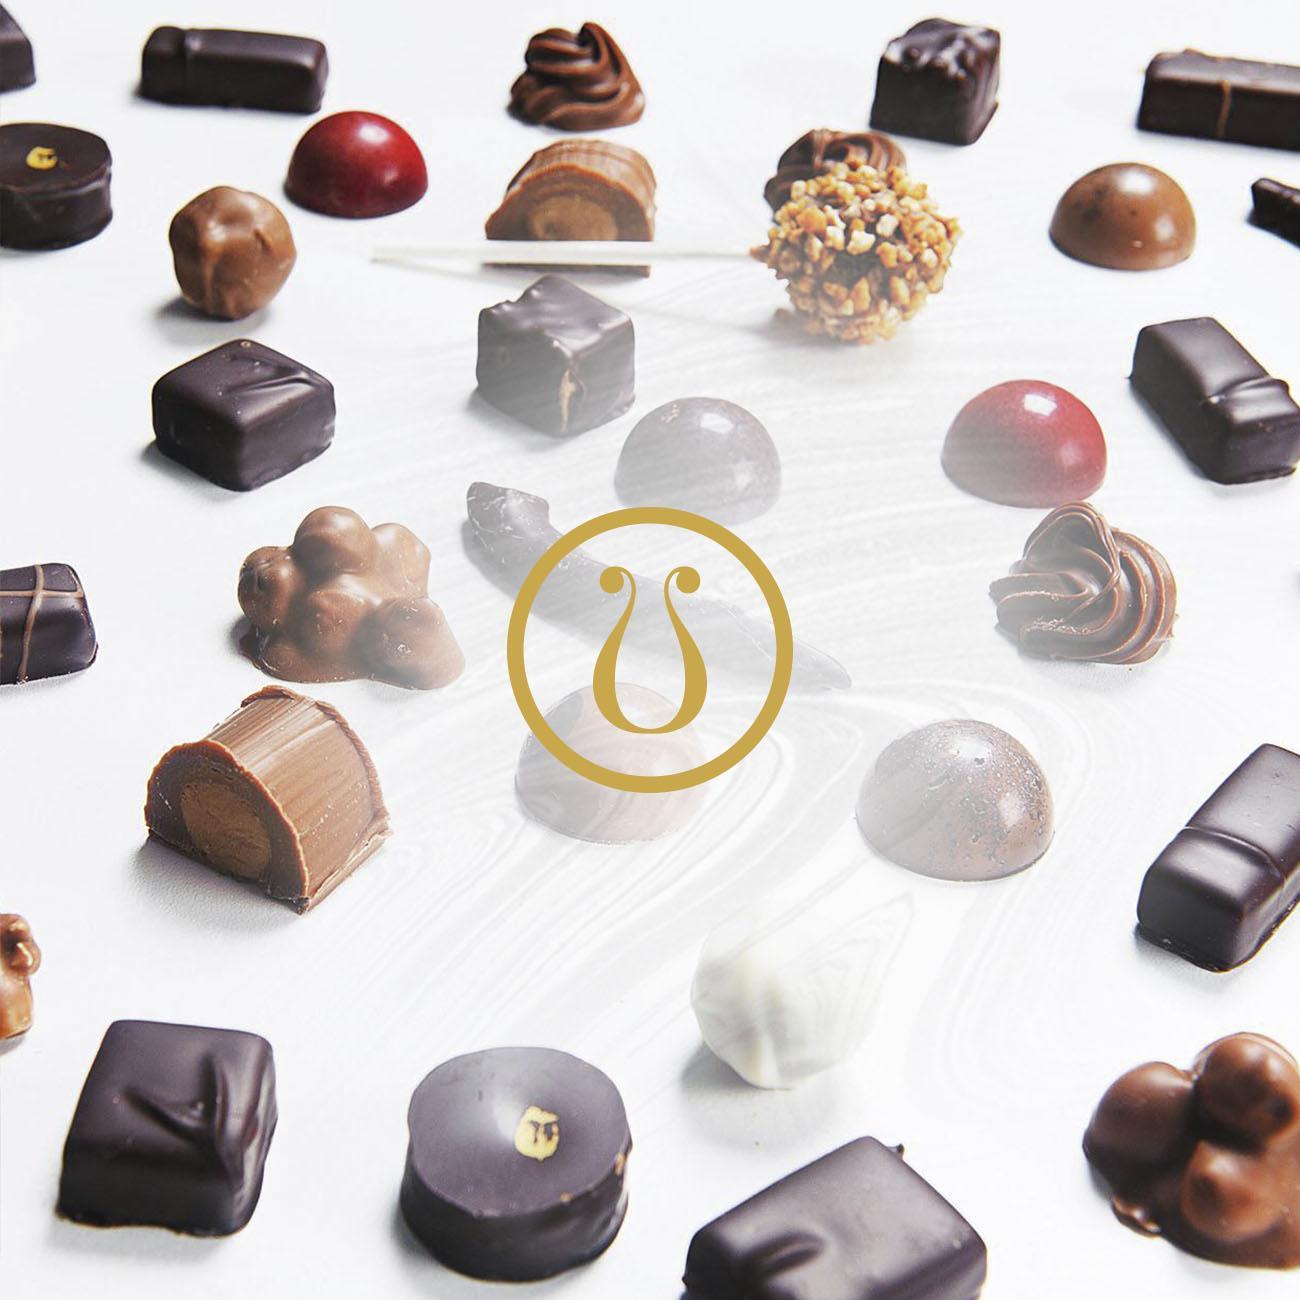 El-mejor-chocolate-de-Asturias-Arguelles-chocolatier-Bombones-online